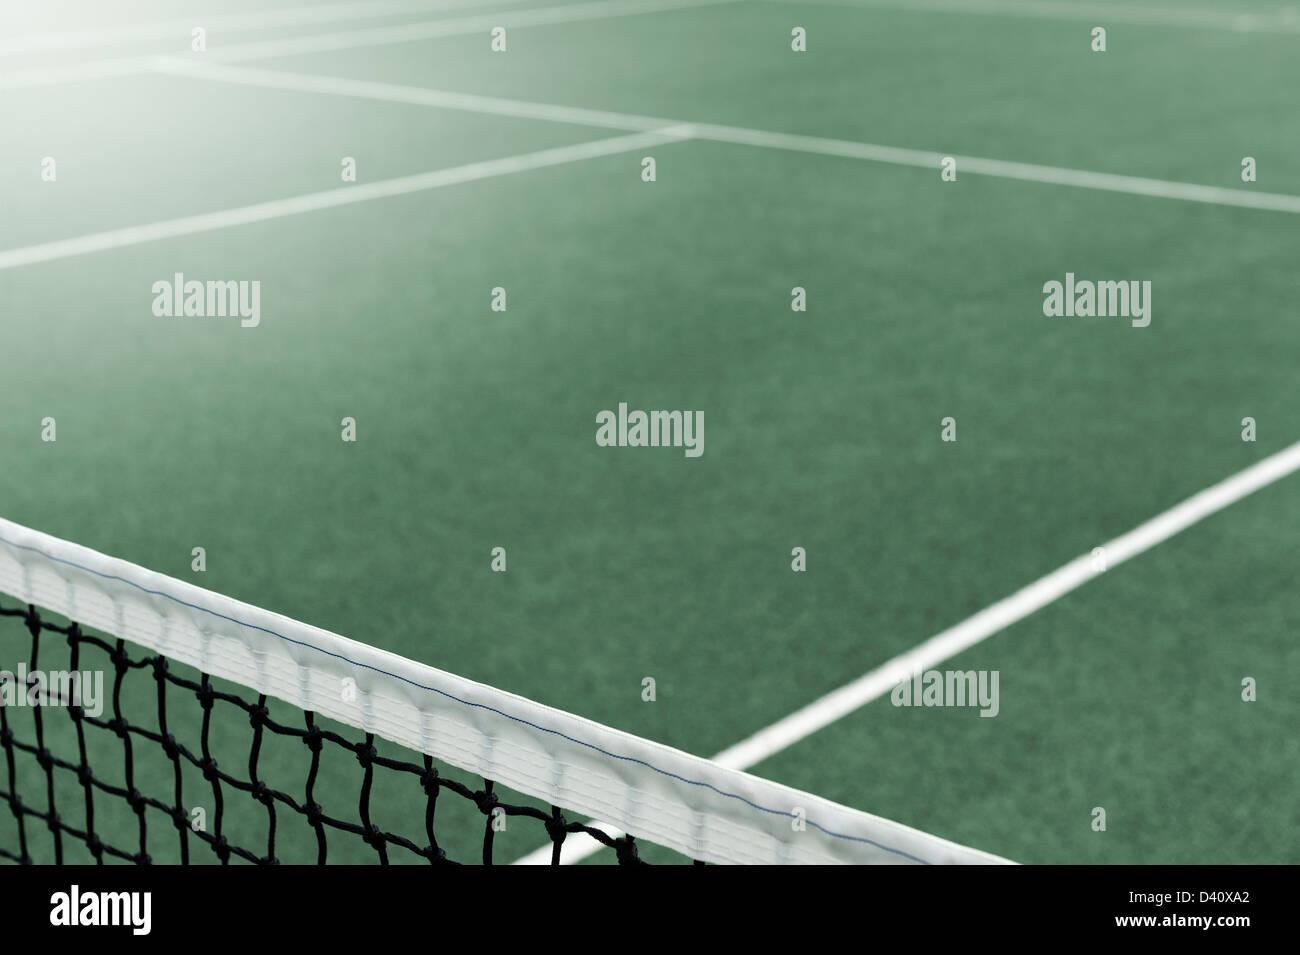 Vue d'un court de tennis avec le net au premier plan Banque D'Images